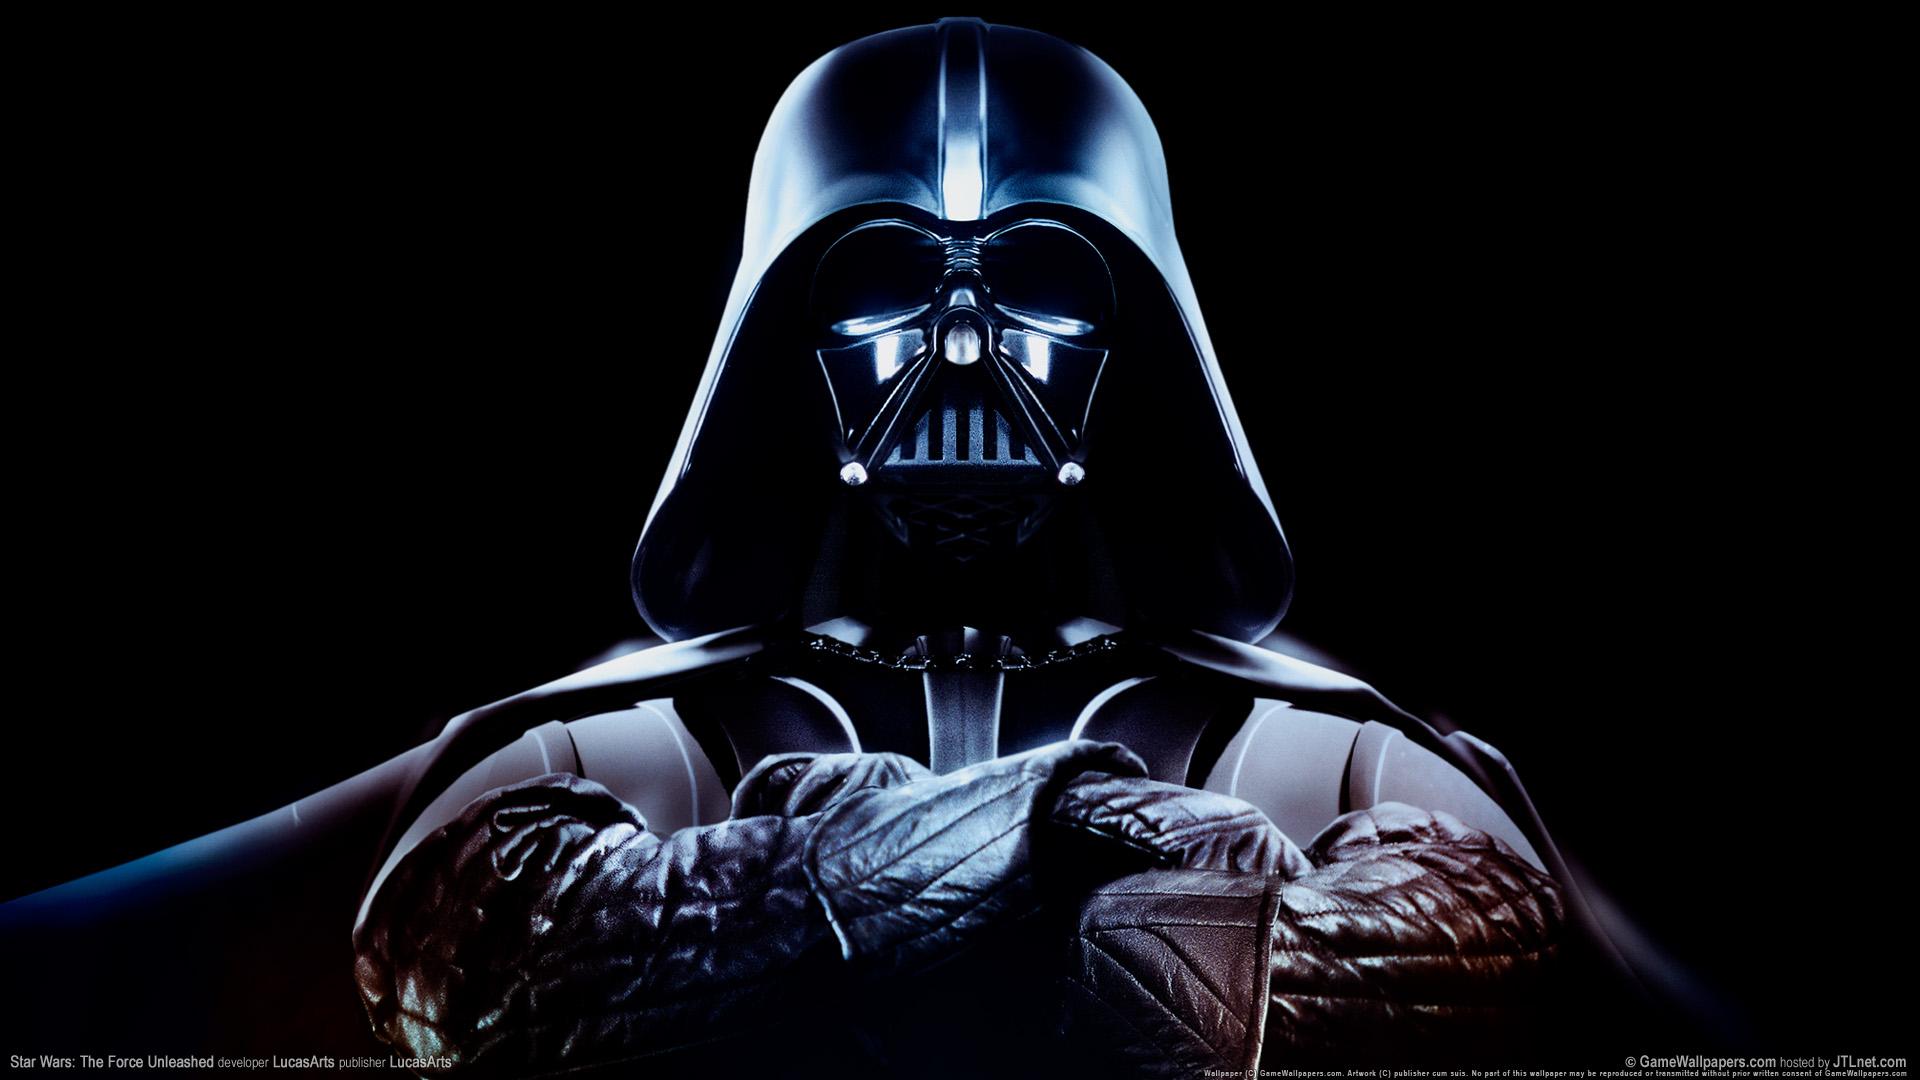 Free Download Star Wars Wallpaper Hd 1080p Iconos Taringa